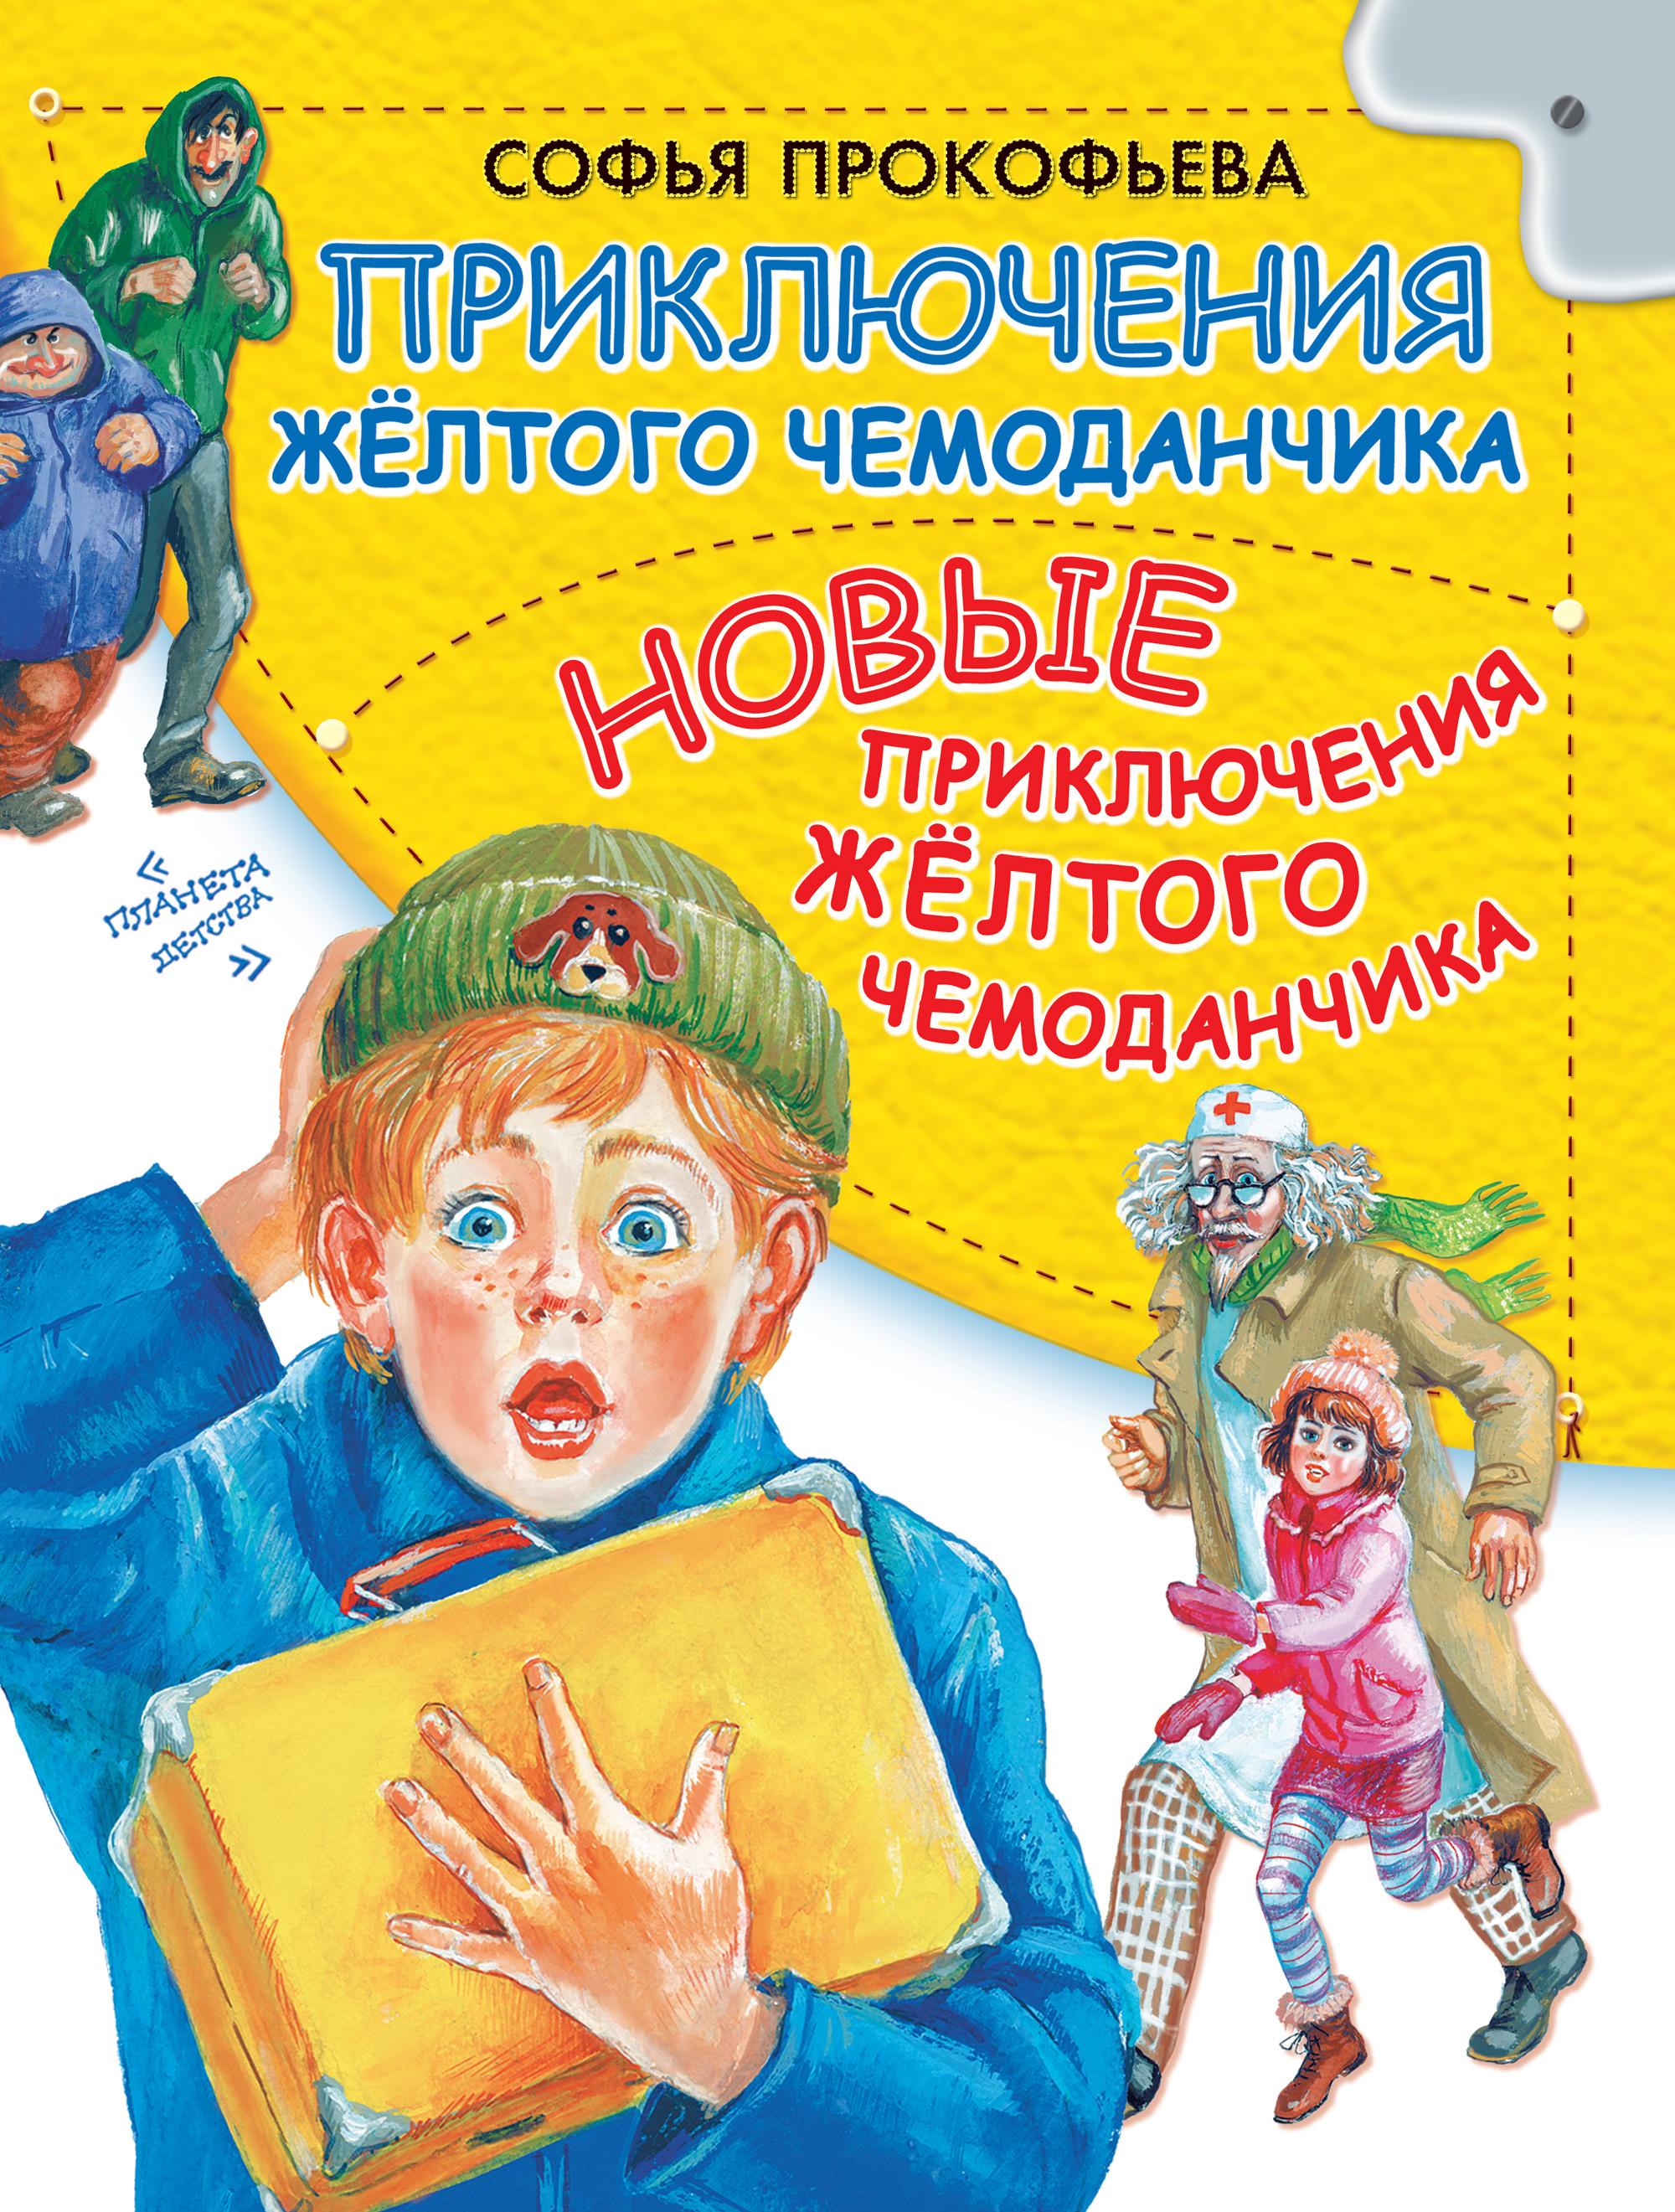 Софья Прокофьева Приключения желтого чемоданчика. Новые приключения желтого чемоданчика (сборник)